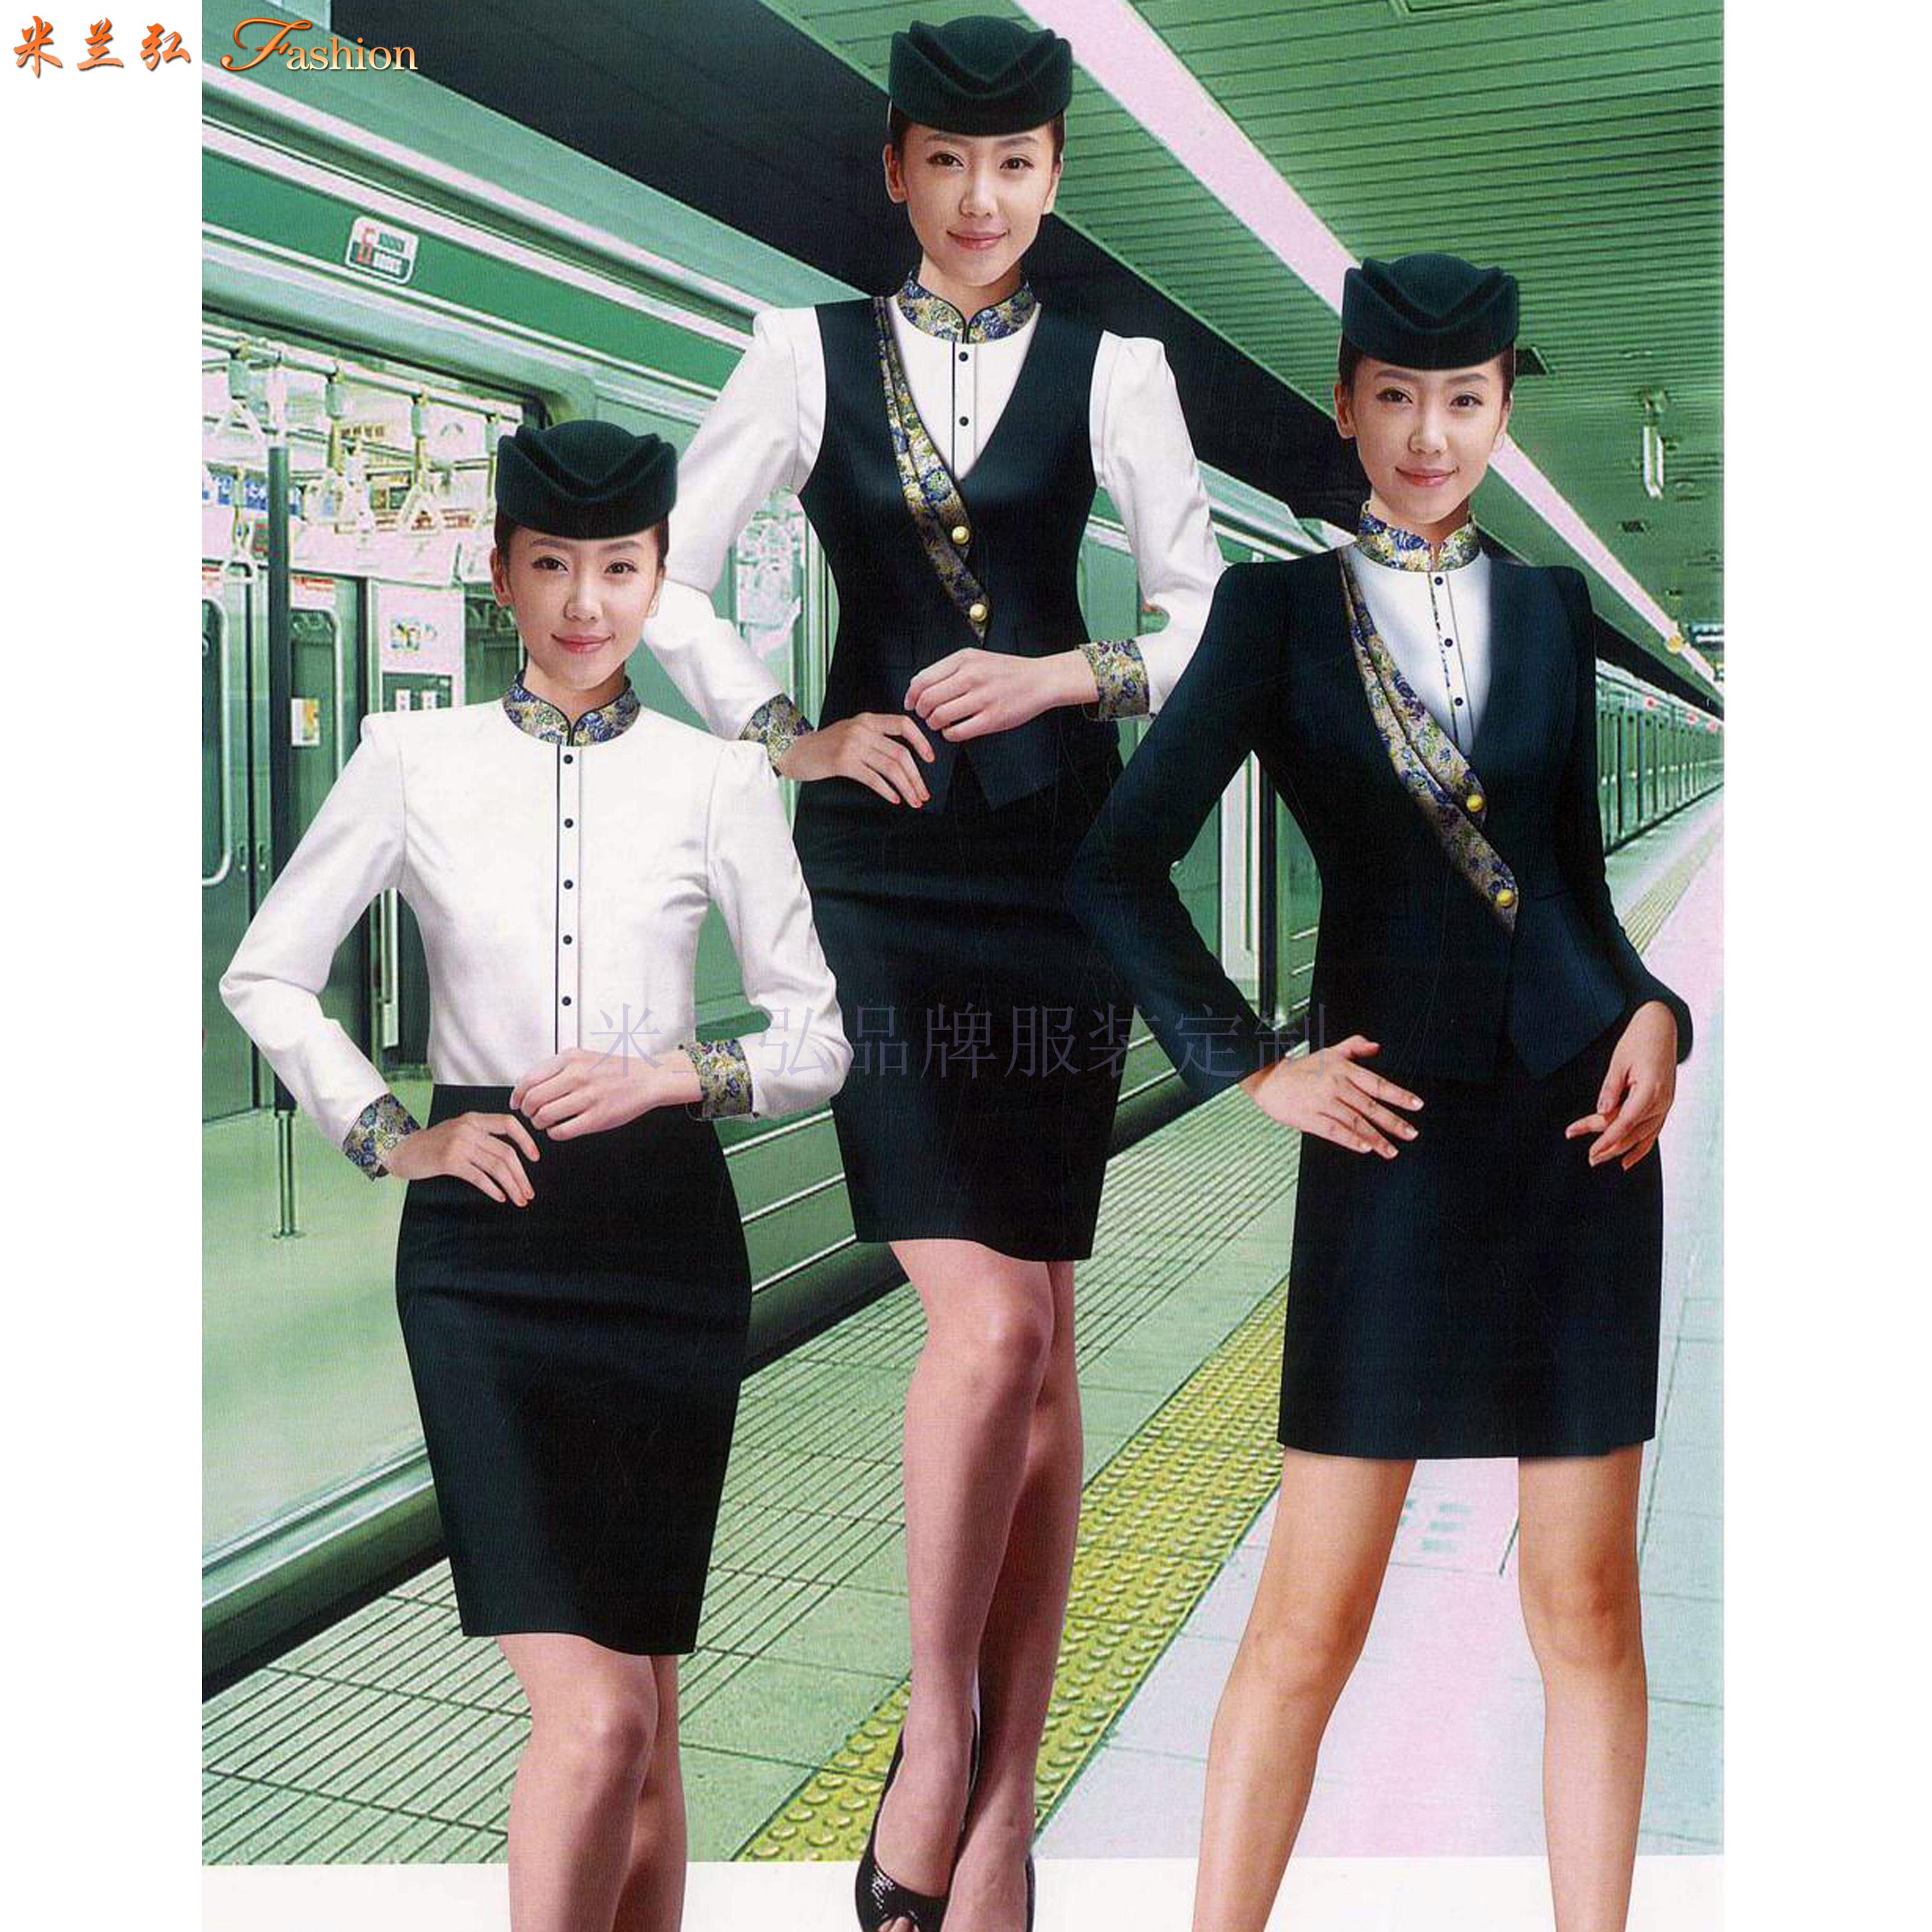 上海地鐵製服_上海地鐵工裝製服訂做-永利注册网站服裝廠家-4